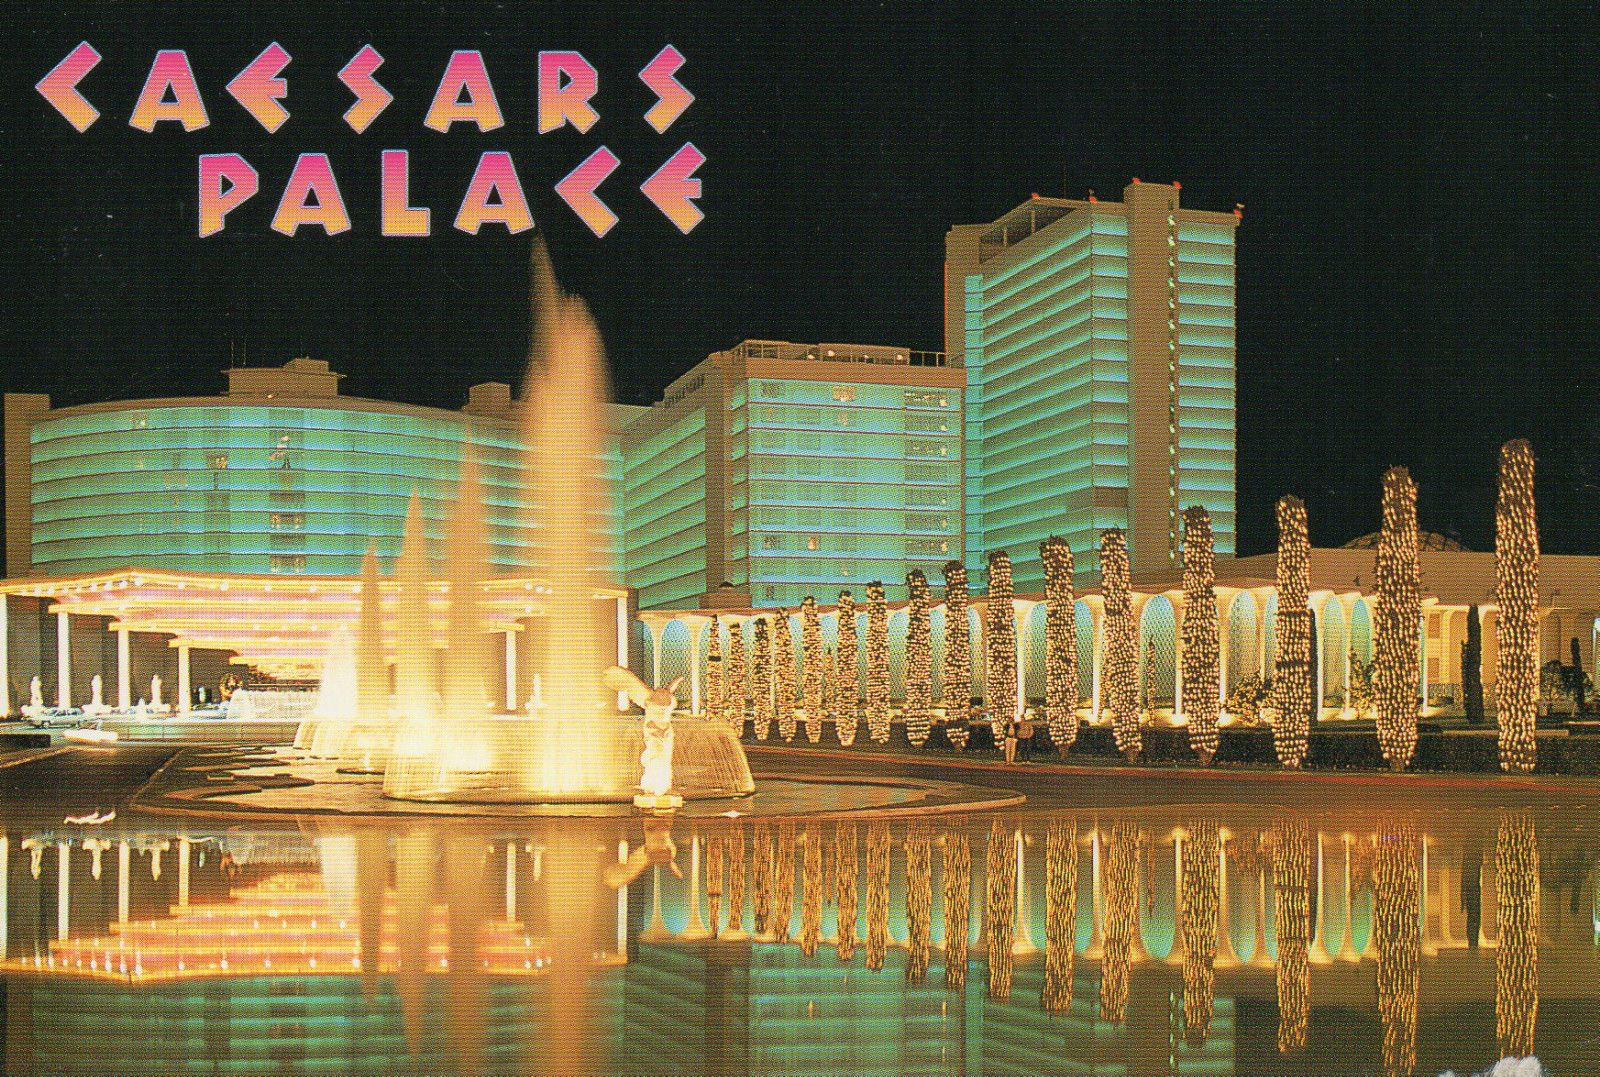 Nevada Las Vegas Caesars Palace Hotel and Casino The Strip --- Postcard